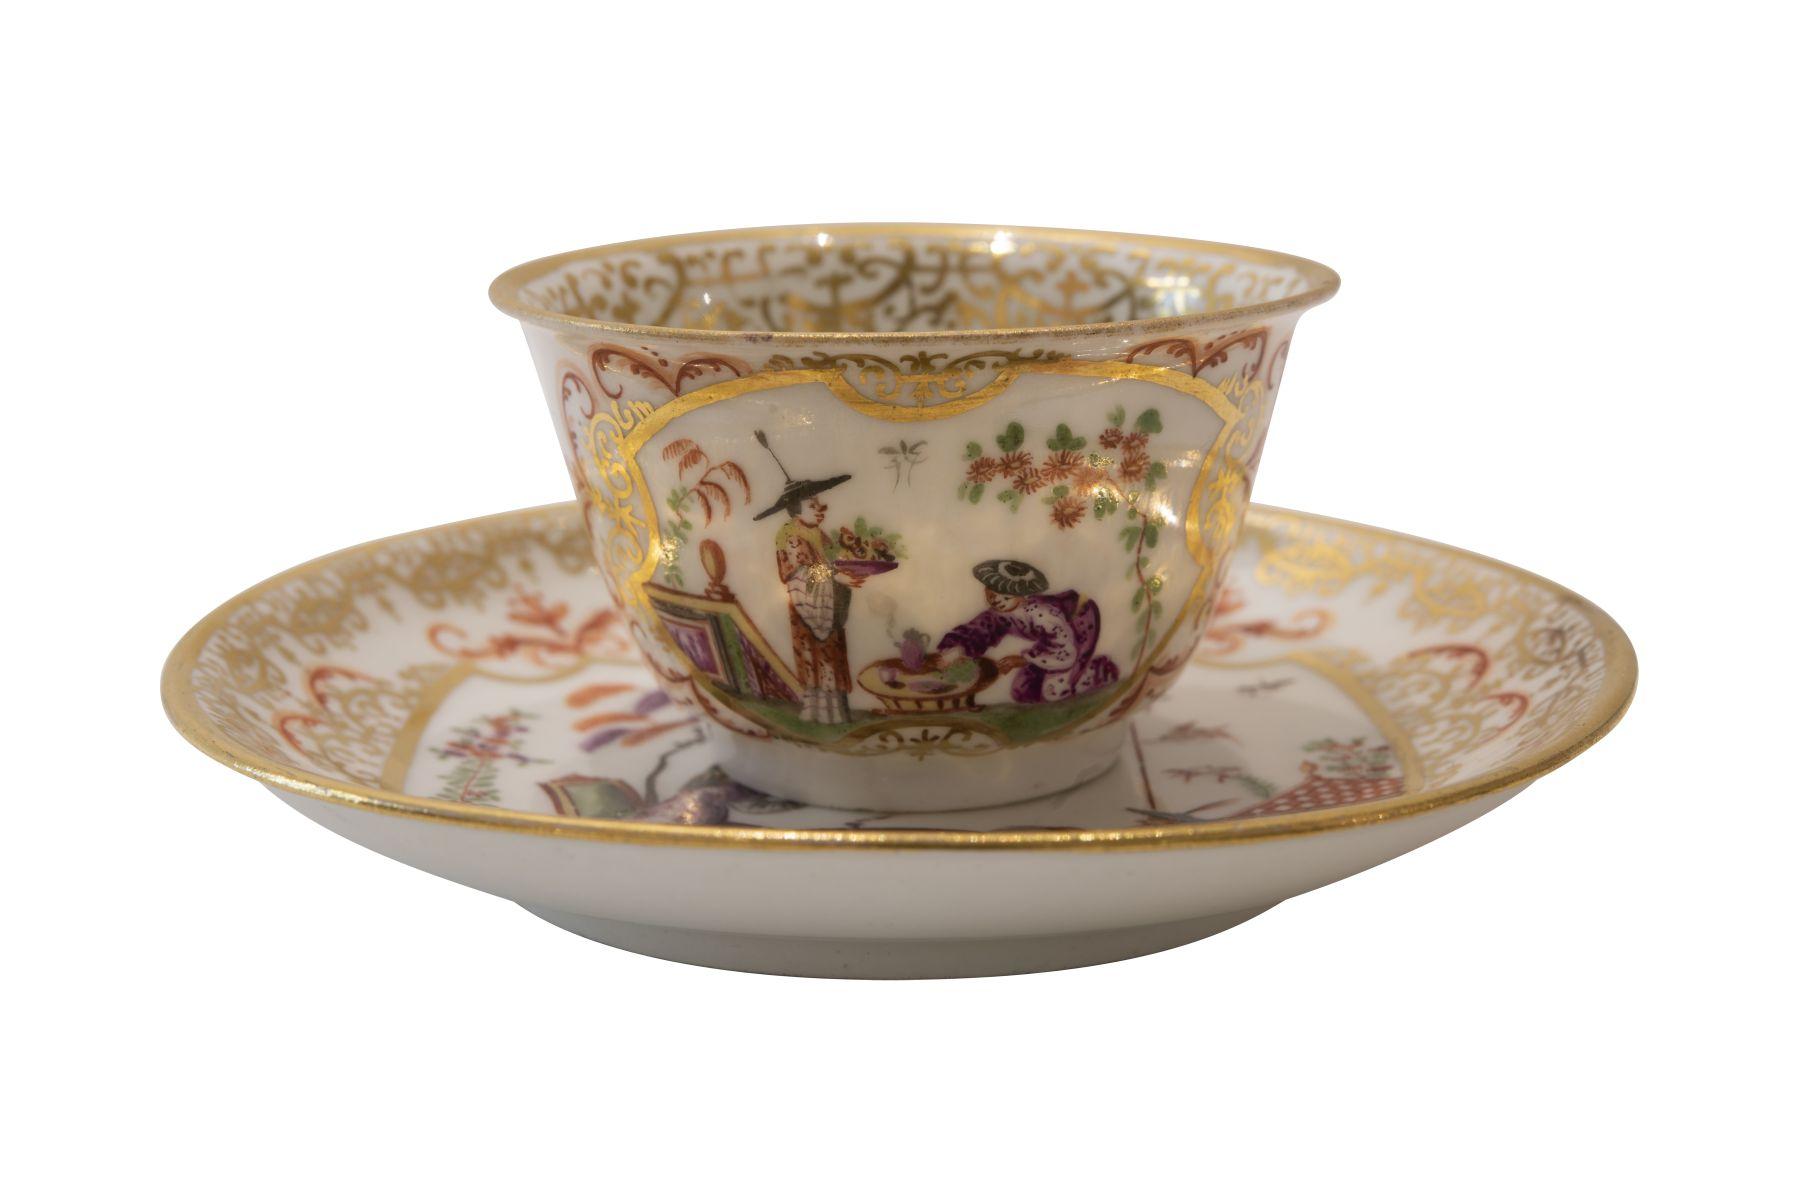 #103 Small cup with lower bowl, Meissen around 1720/30 | Koppchen mit Unterschale, Meissen um 1720/30 ohne Marke Image